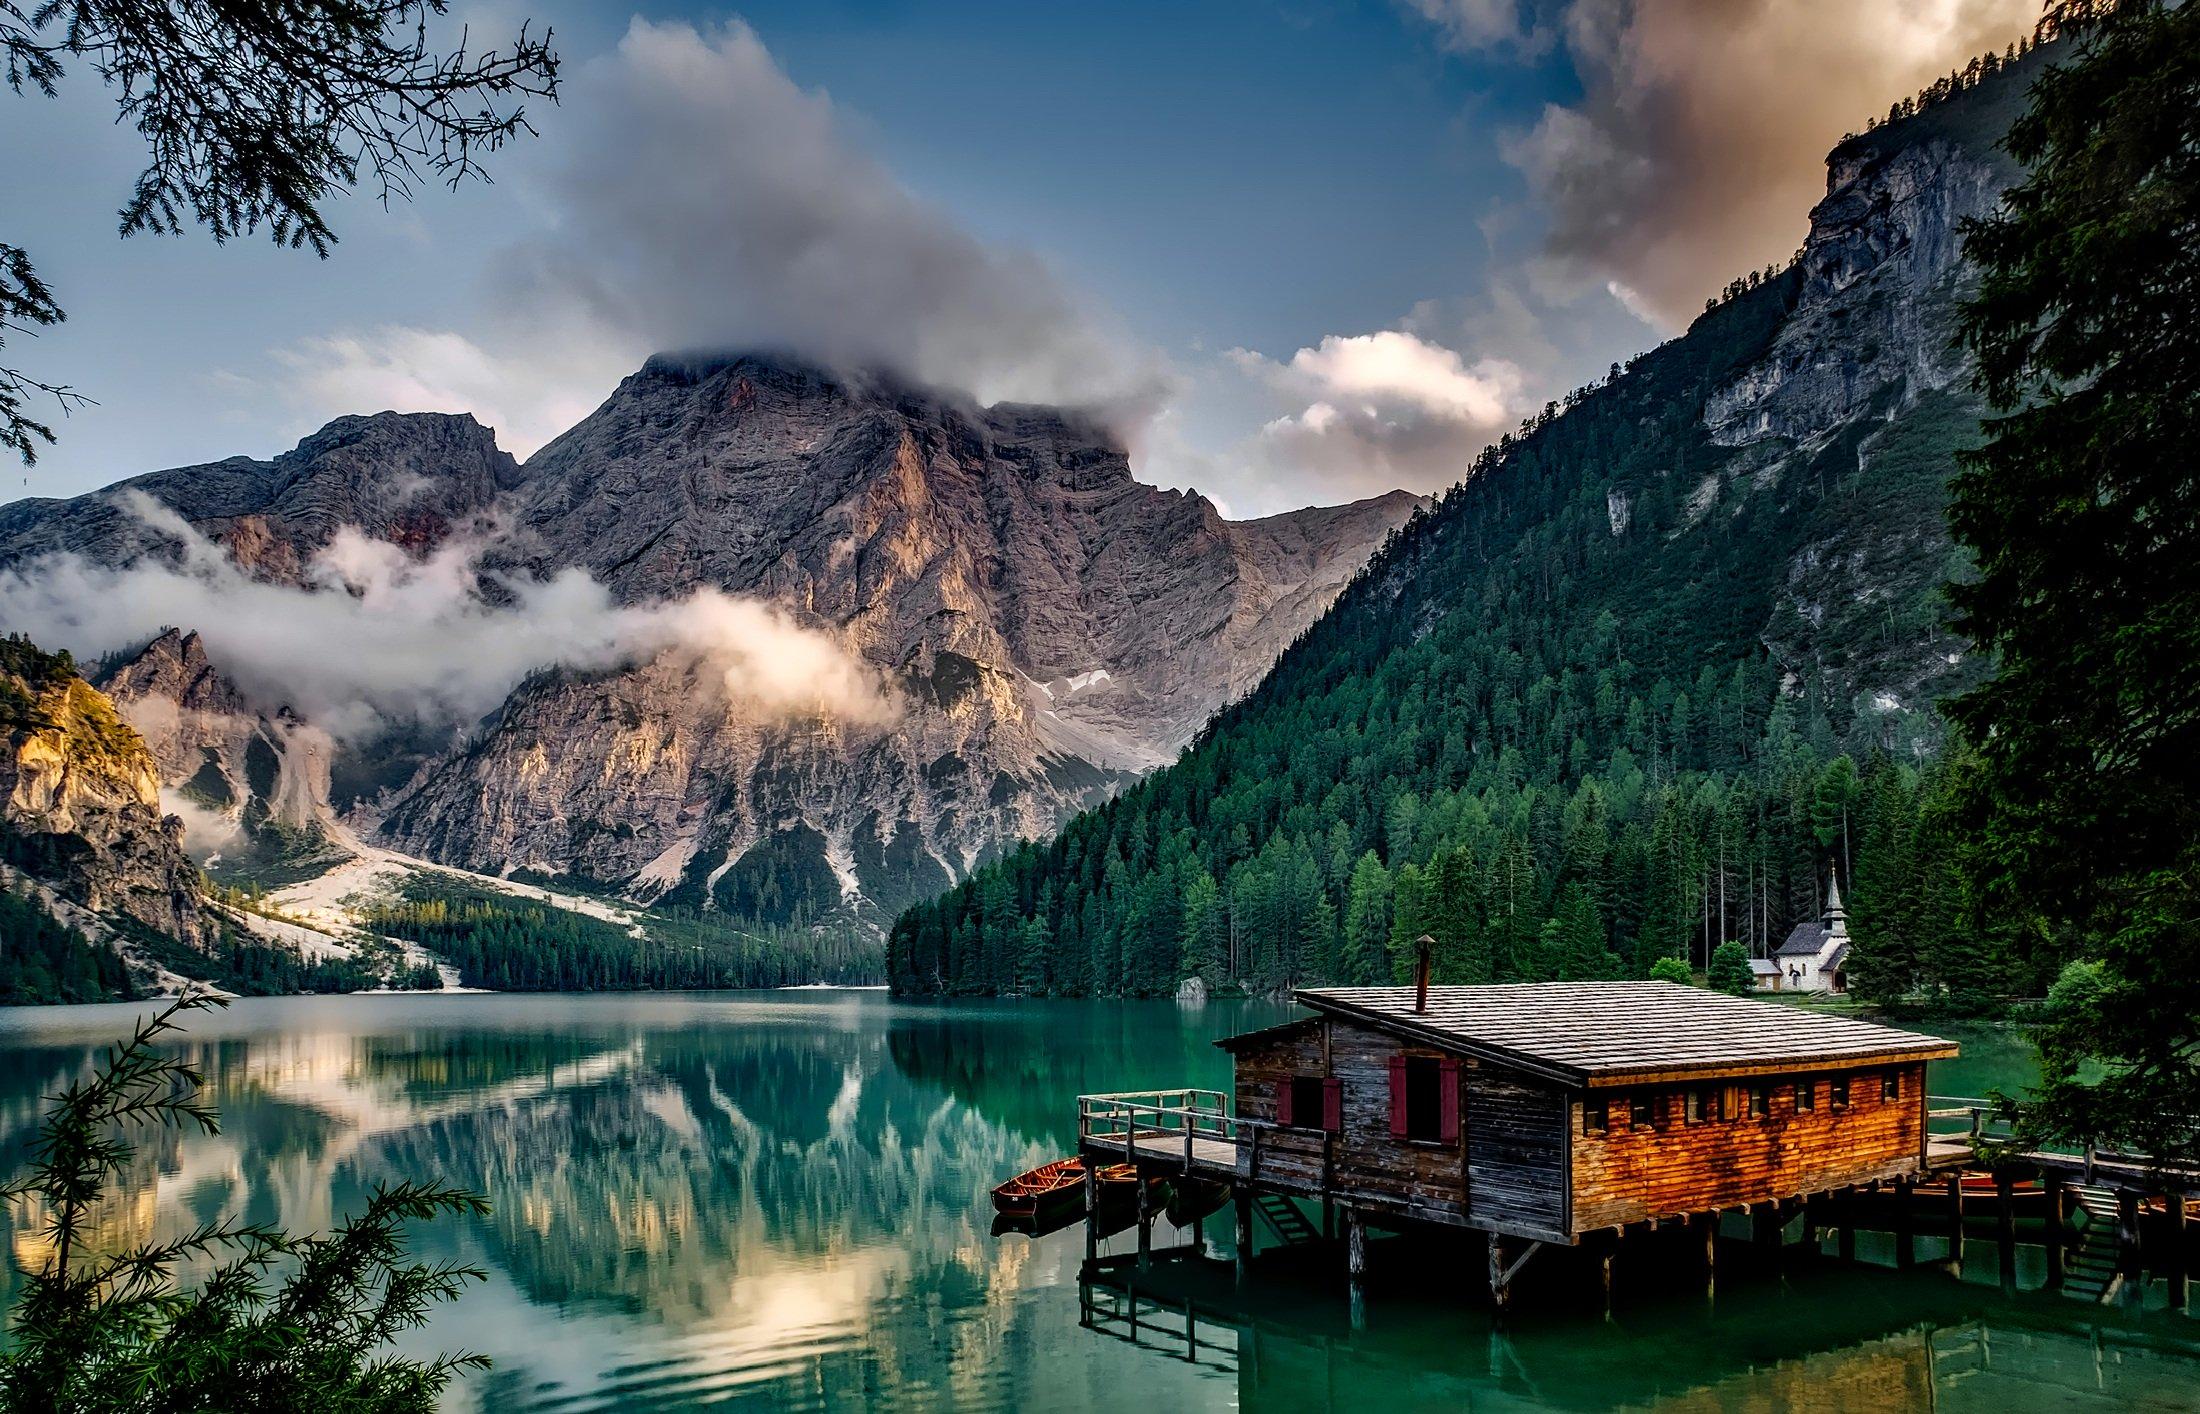 I laghi italiani più belli: otto destinazioni per un weekend romantico